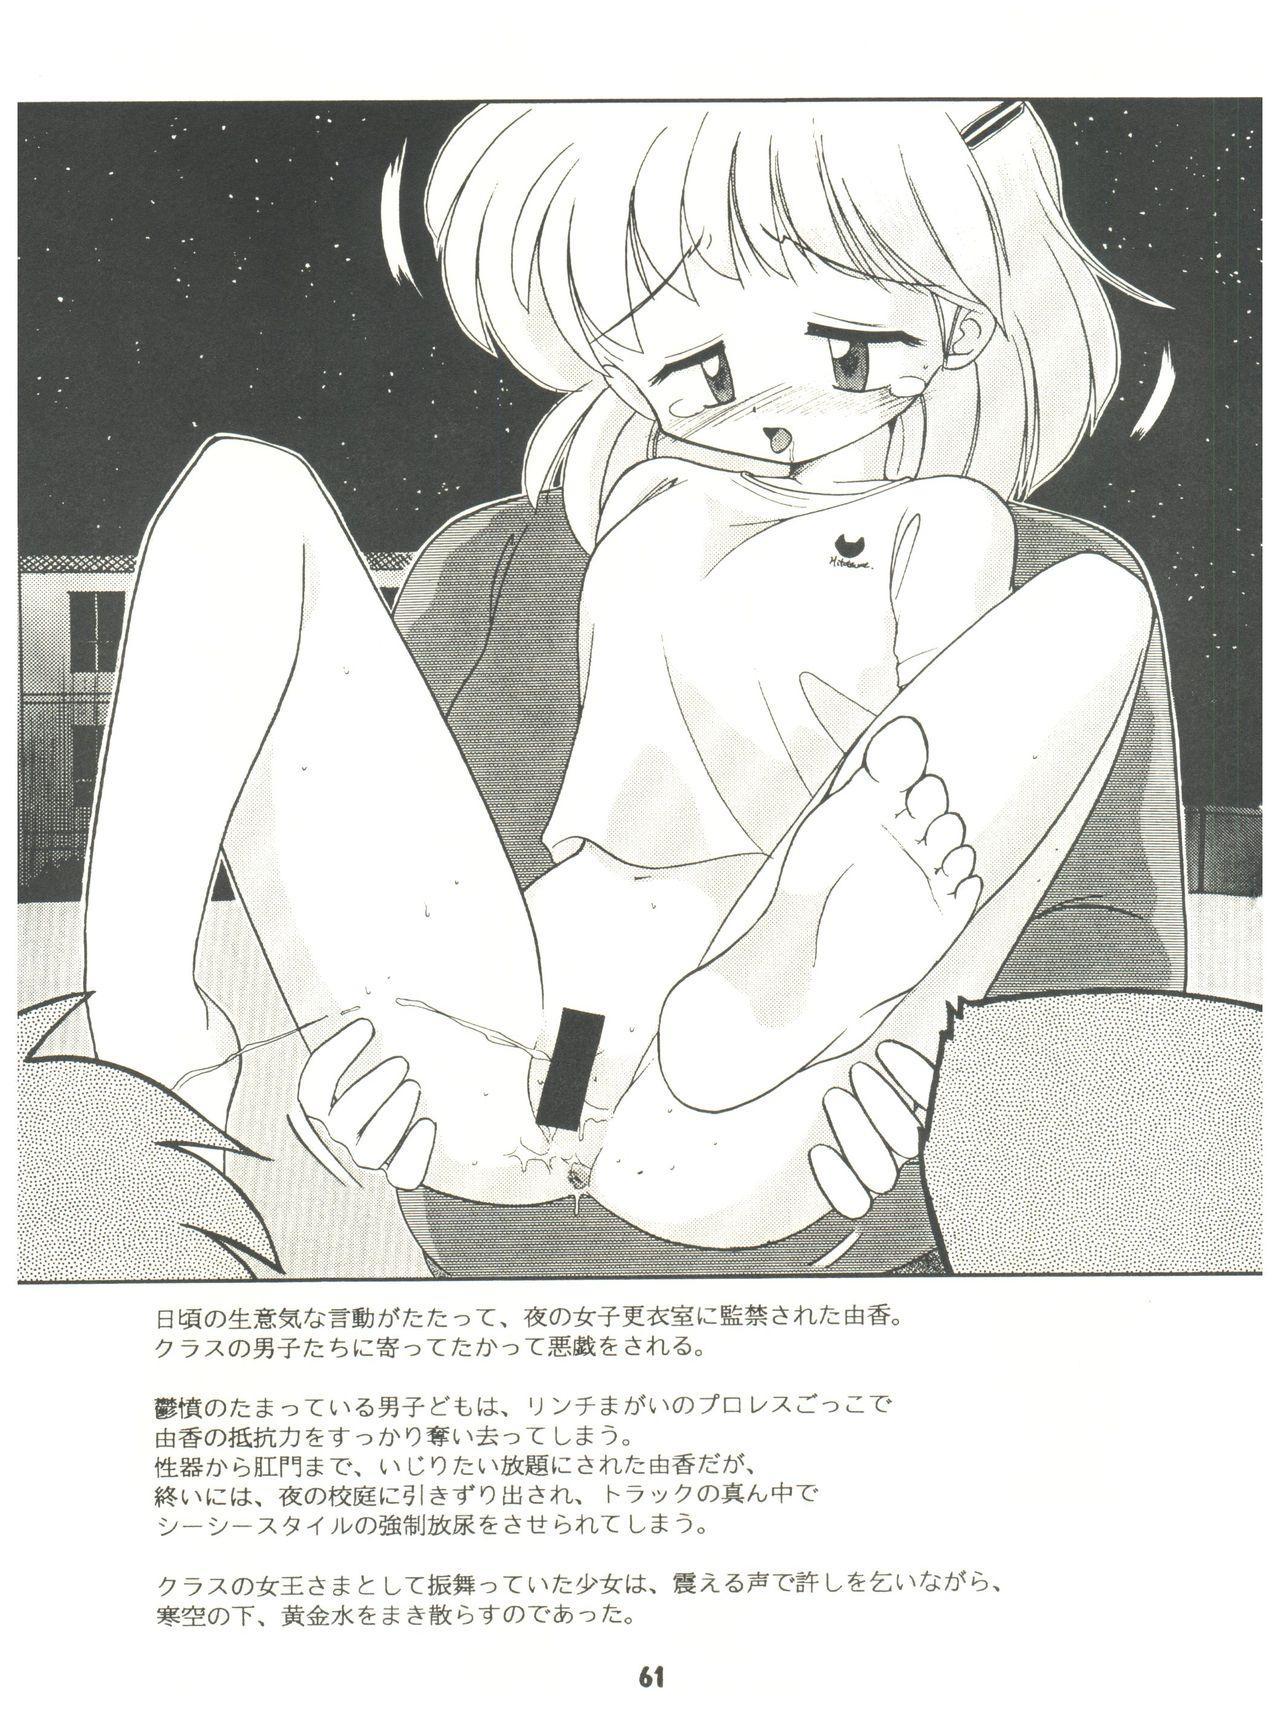 [Sairo Publishing (J. Sairo) En-Jack 2 (Various) 60